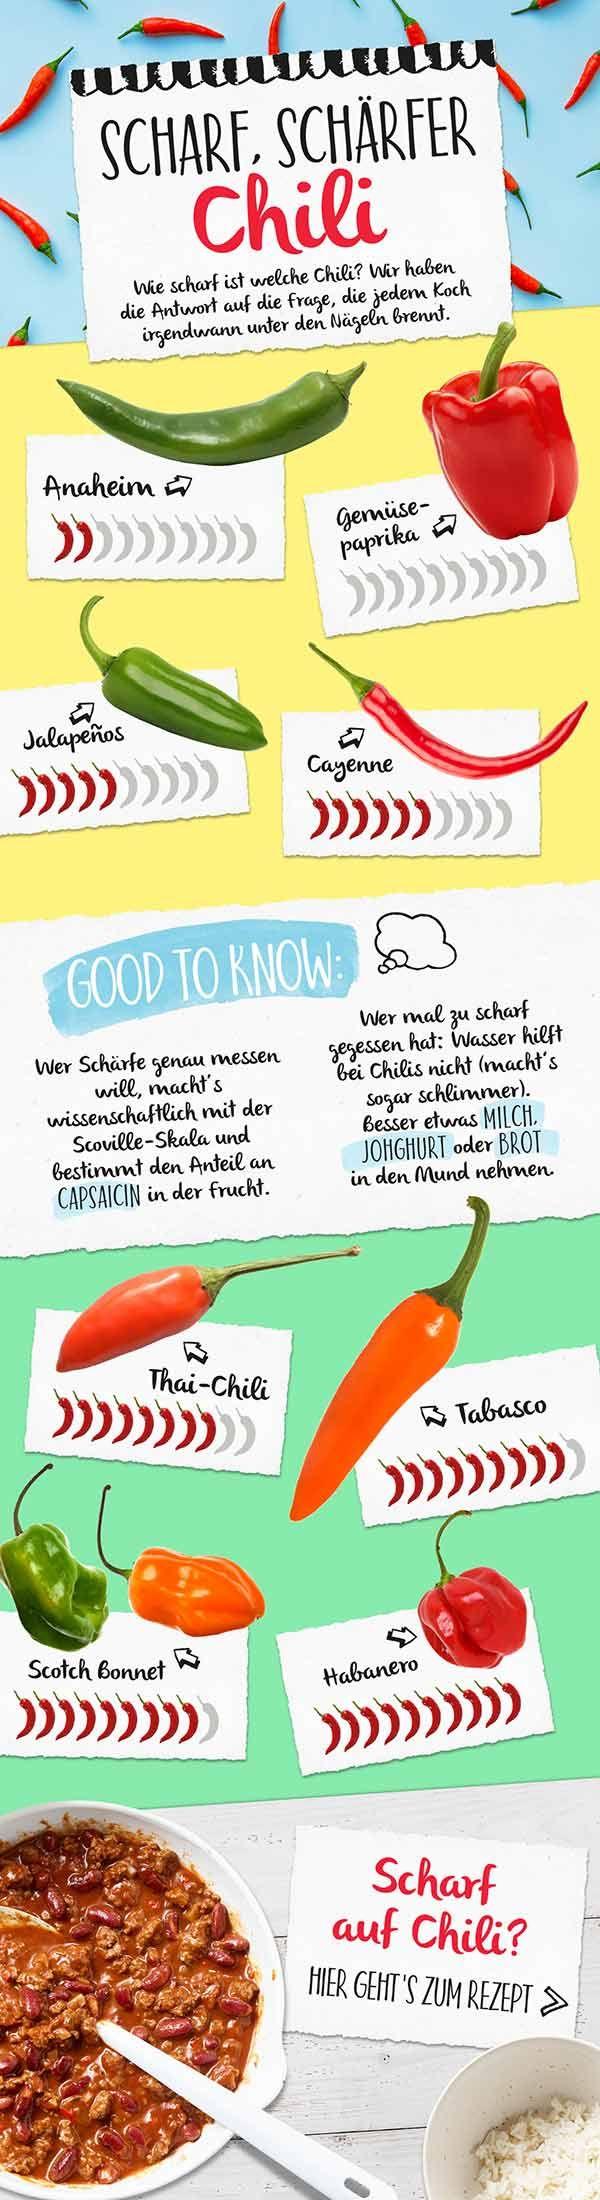 Wie scharf magst du es? Von Gemüsepaprika über Cayenne